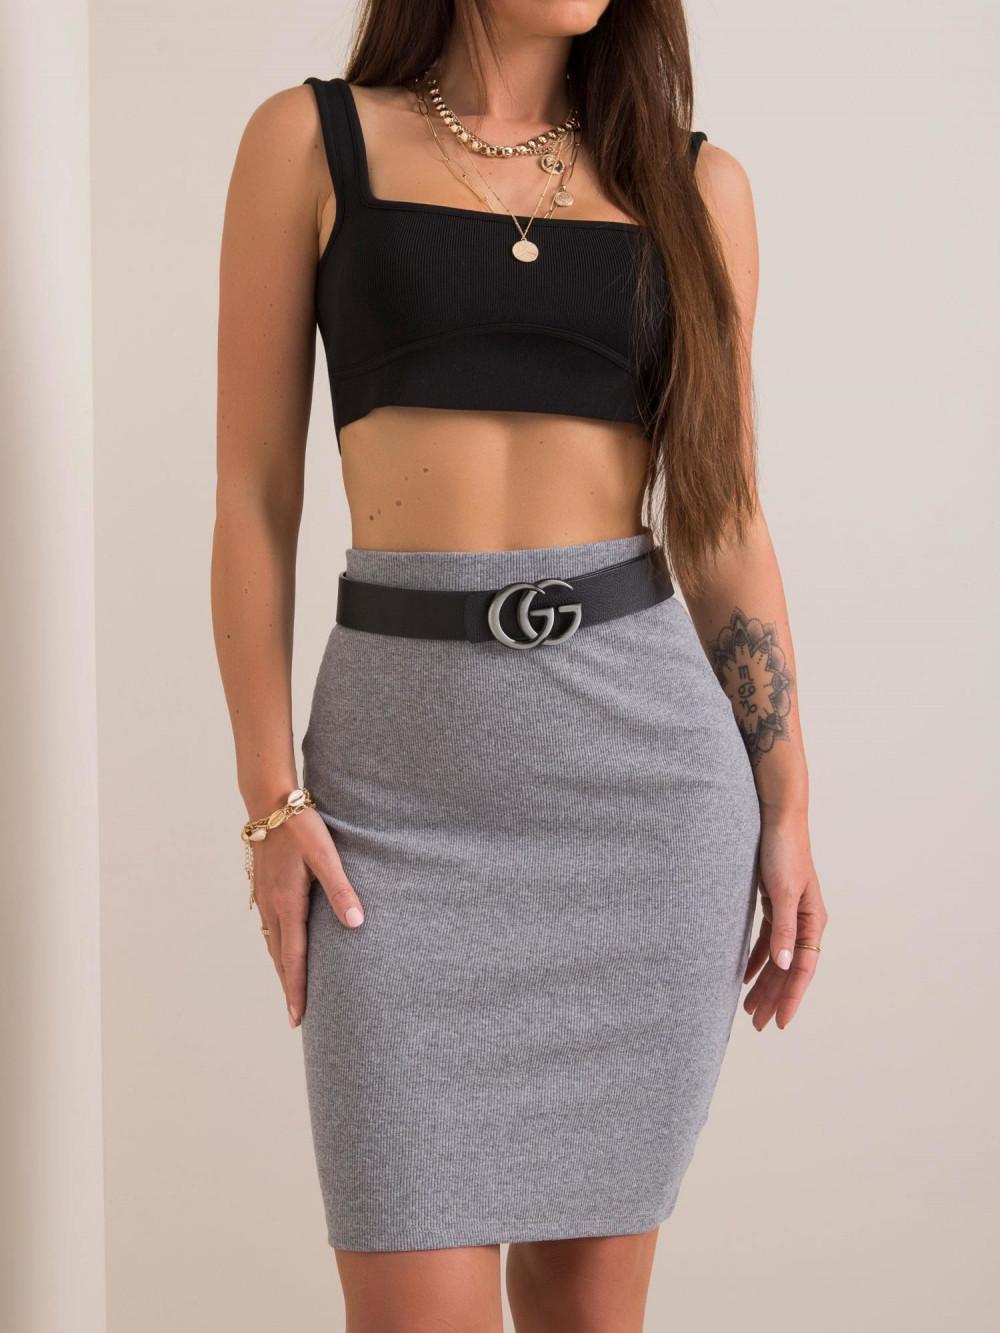 Szara ołówkowa spódnica damska Bonnie 3